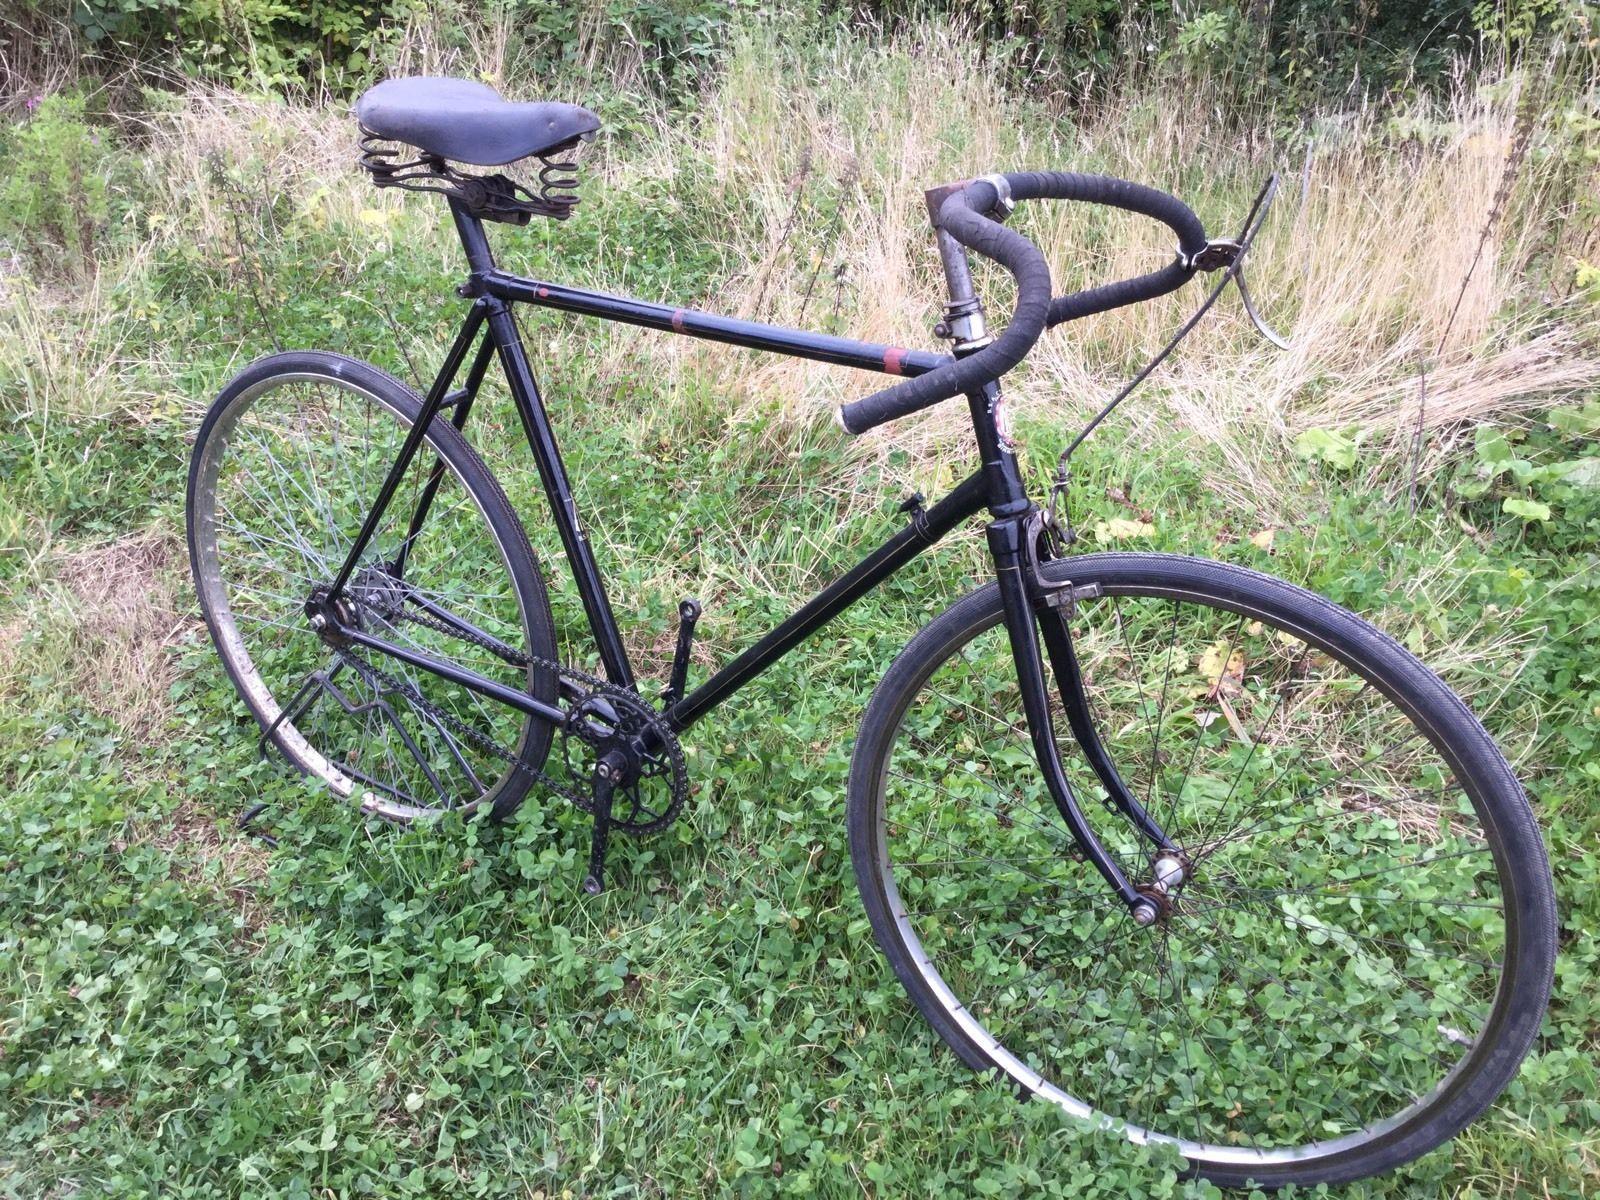 Vintage Bicycle 1930 S Bsa Racing Bike Ebay Vintage Bicycles Bicycle Racing Bikes